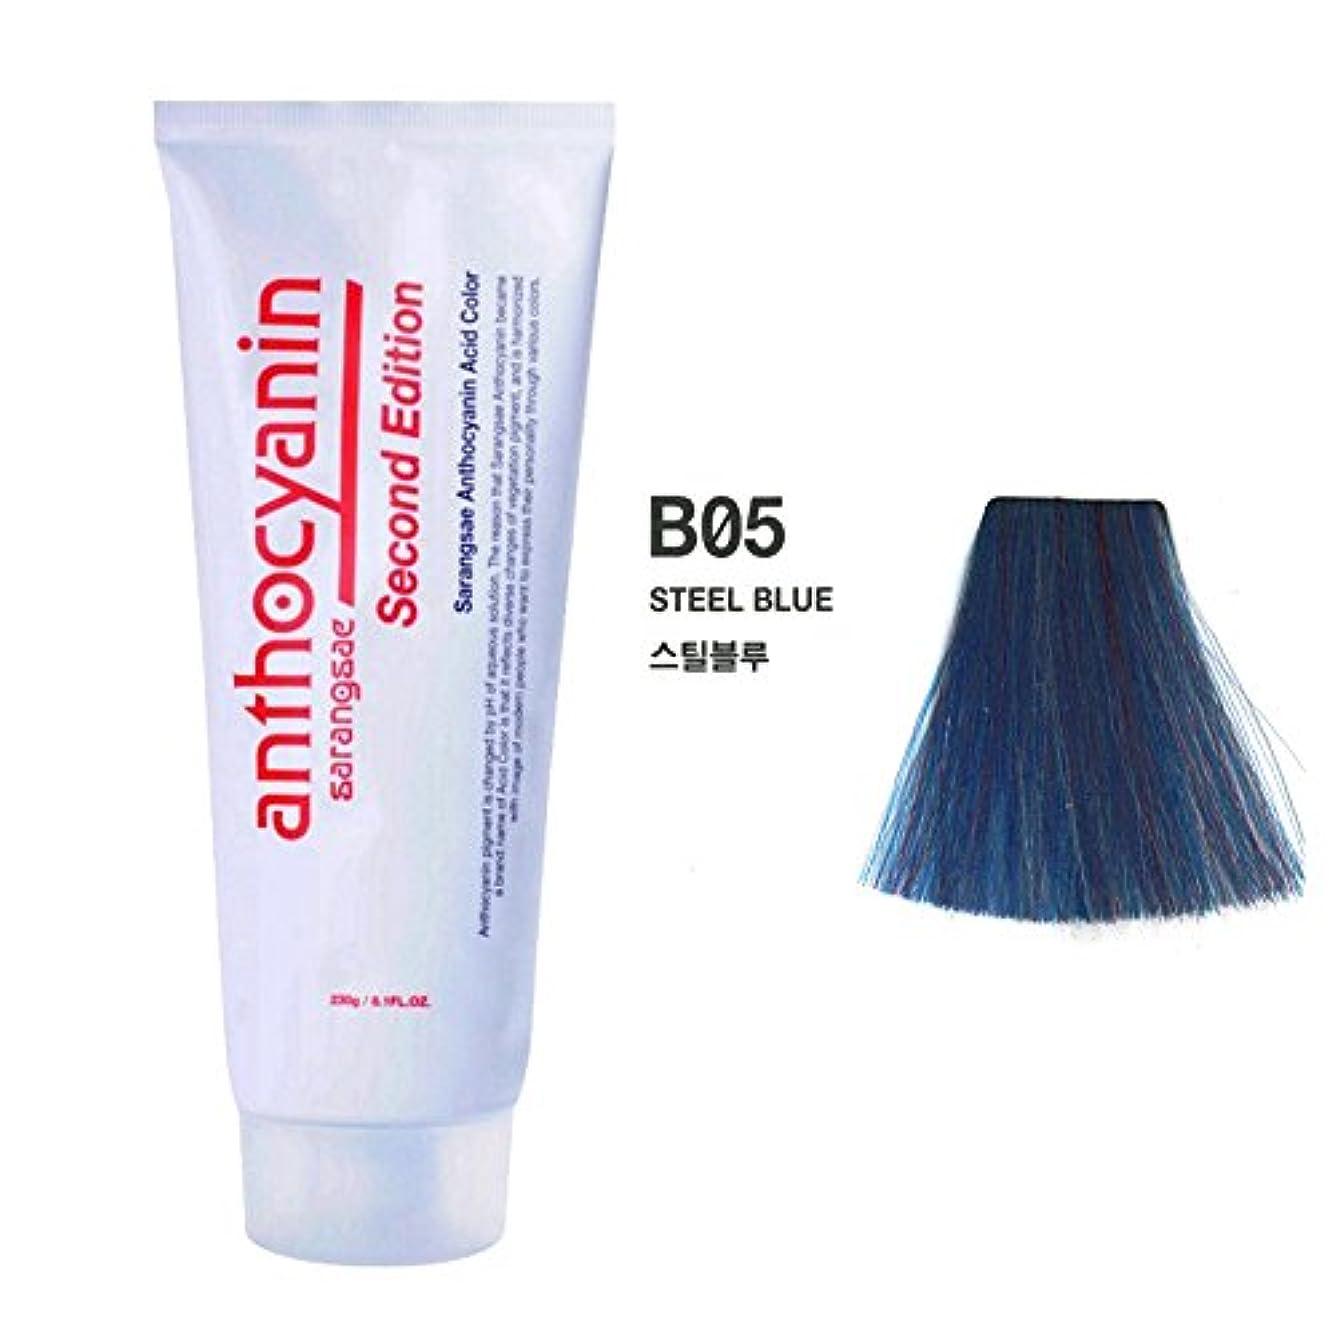 事件、出来事単位除外するヘア マニキュア カラー セカンド エディション 230g セミ パーマネント 染毛剤 (Hair Manicure Color Second Edition 230g Semi Permanent Hair Dye) [並行輸入品] (B05 Steel Blue)